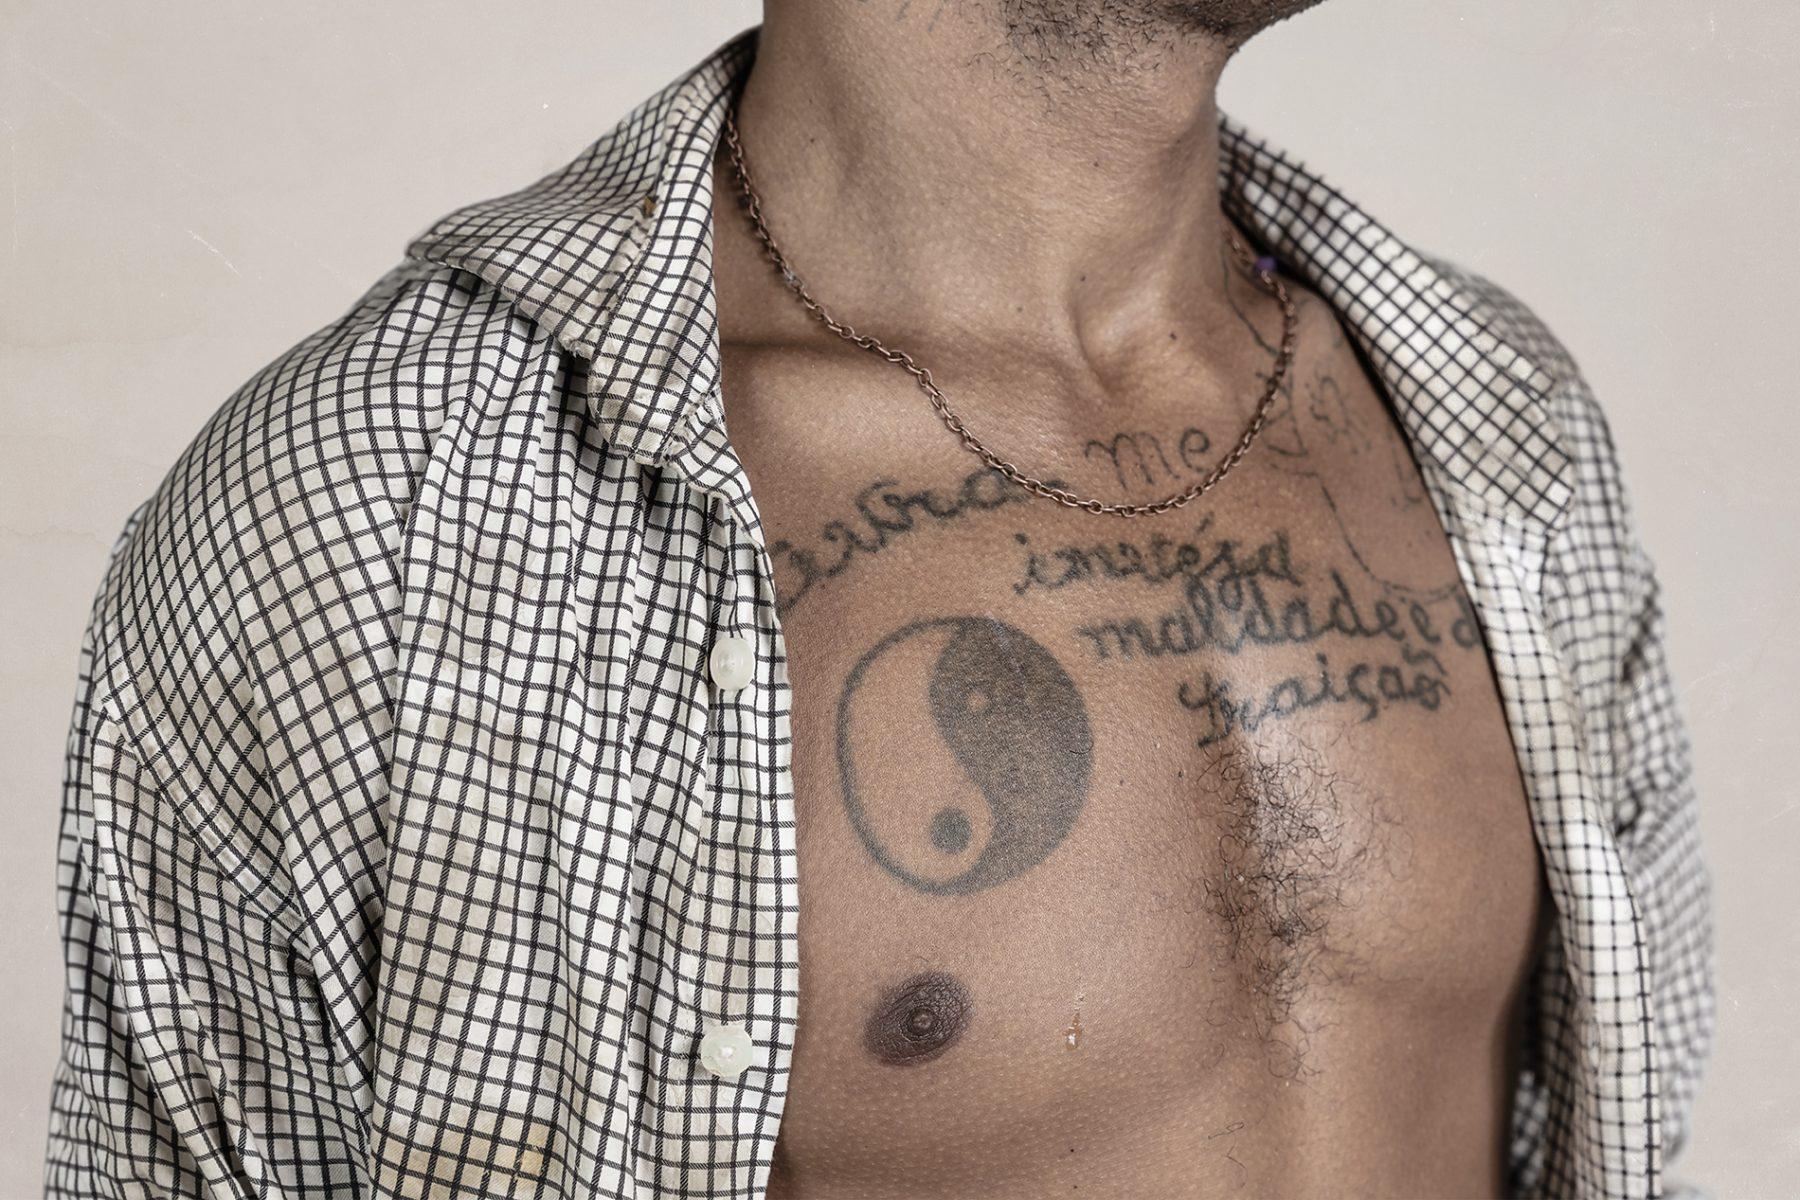 Photo couleur de Gui Christ de sa série Fissura. homme avec chemise ouverte, poitrine, tatouages, São Paulo